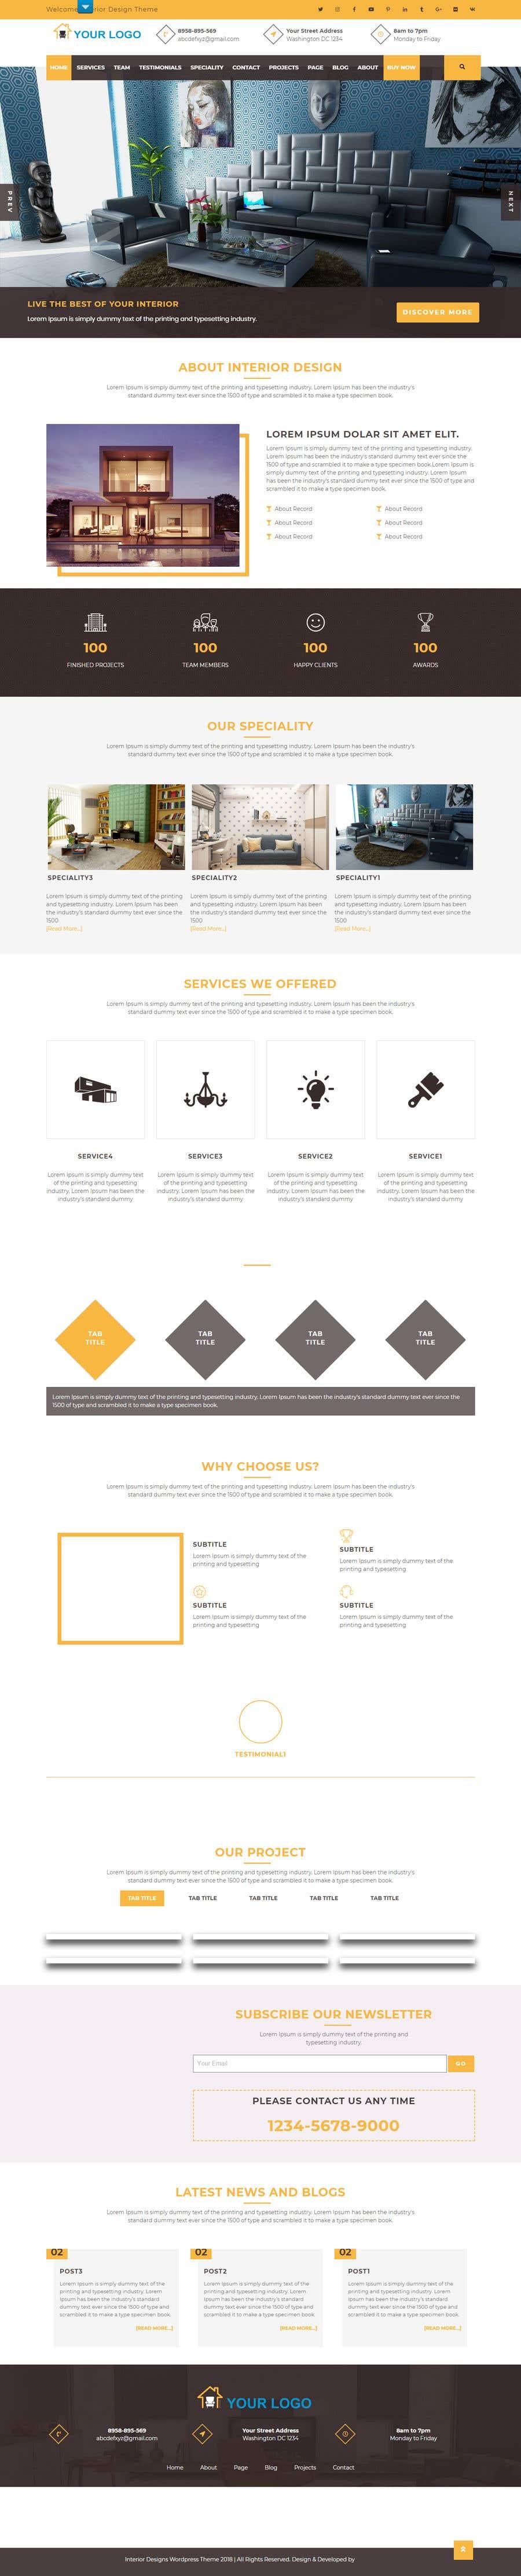 Penyertaan Peraduan #32 untuk Build Me A Website Template For An Interior Designer